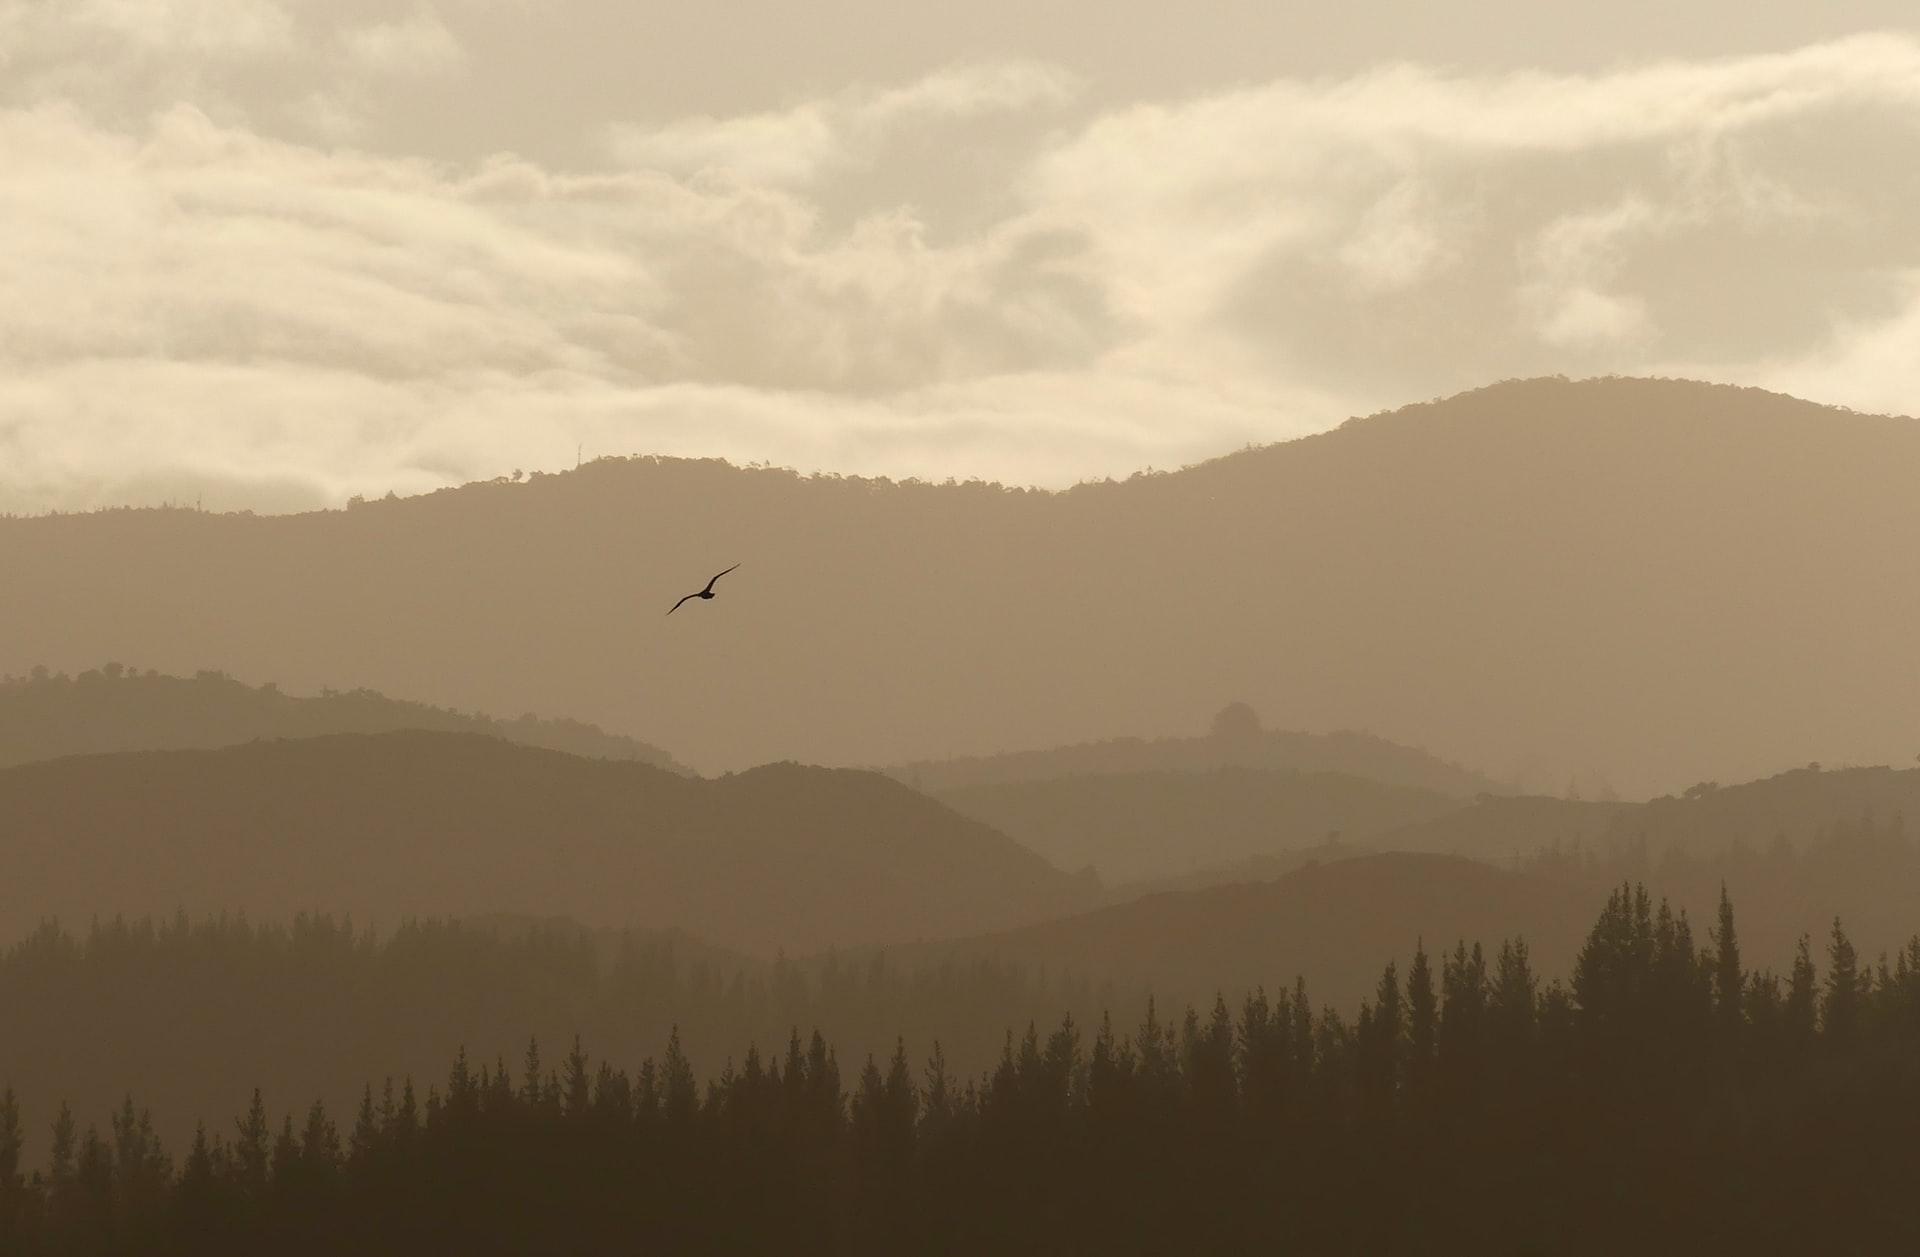 Best time to visit Abel Tasman National Park